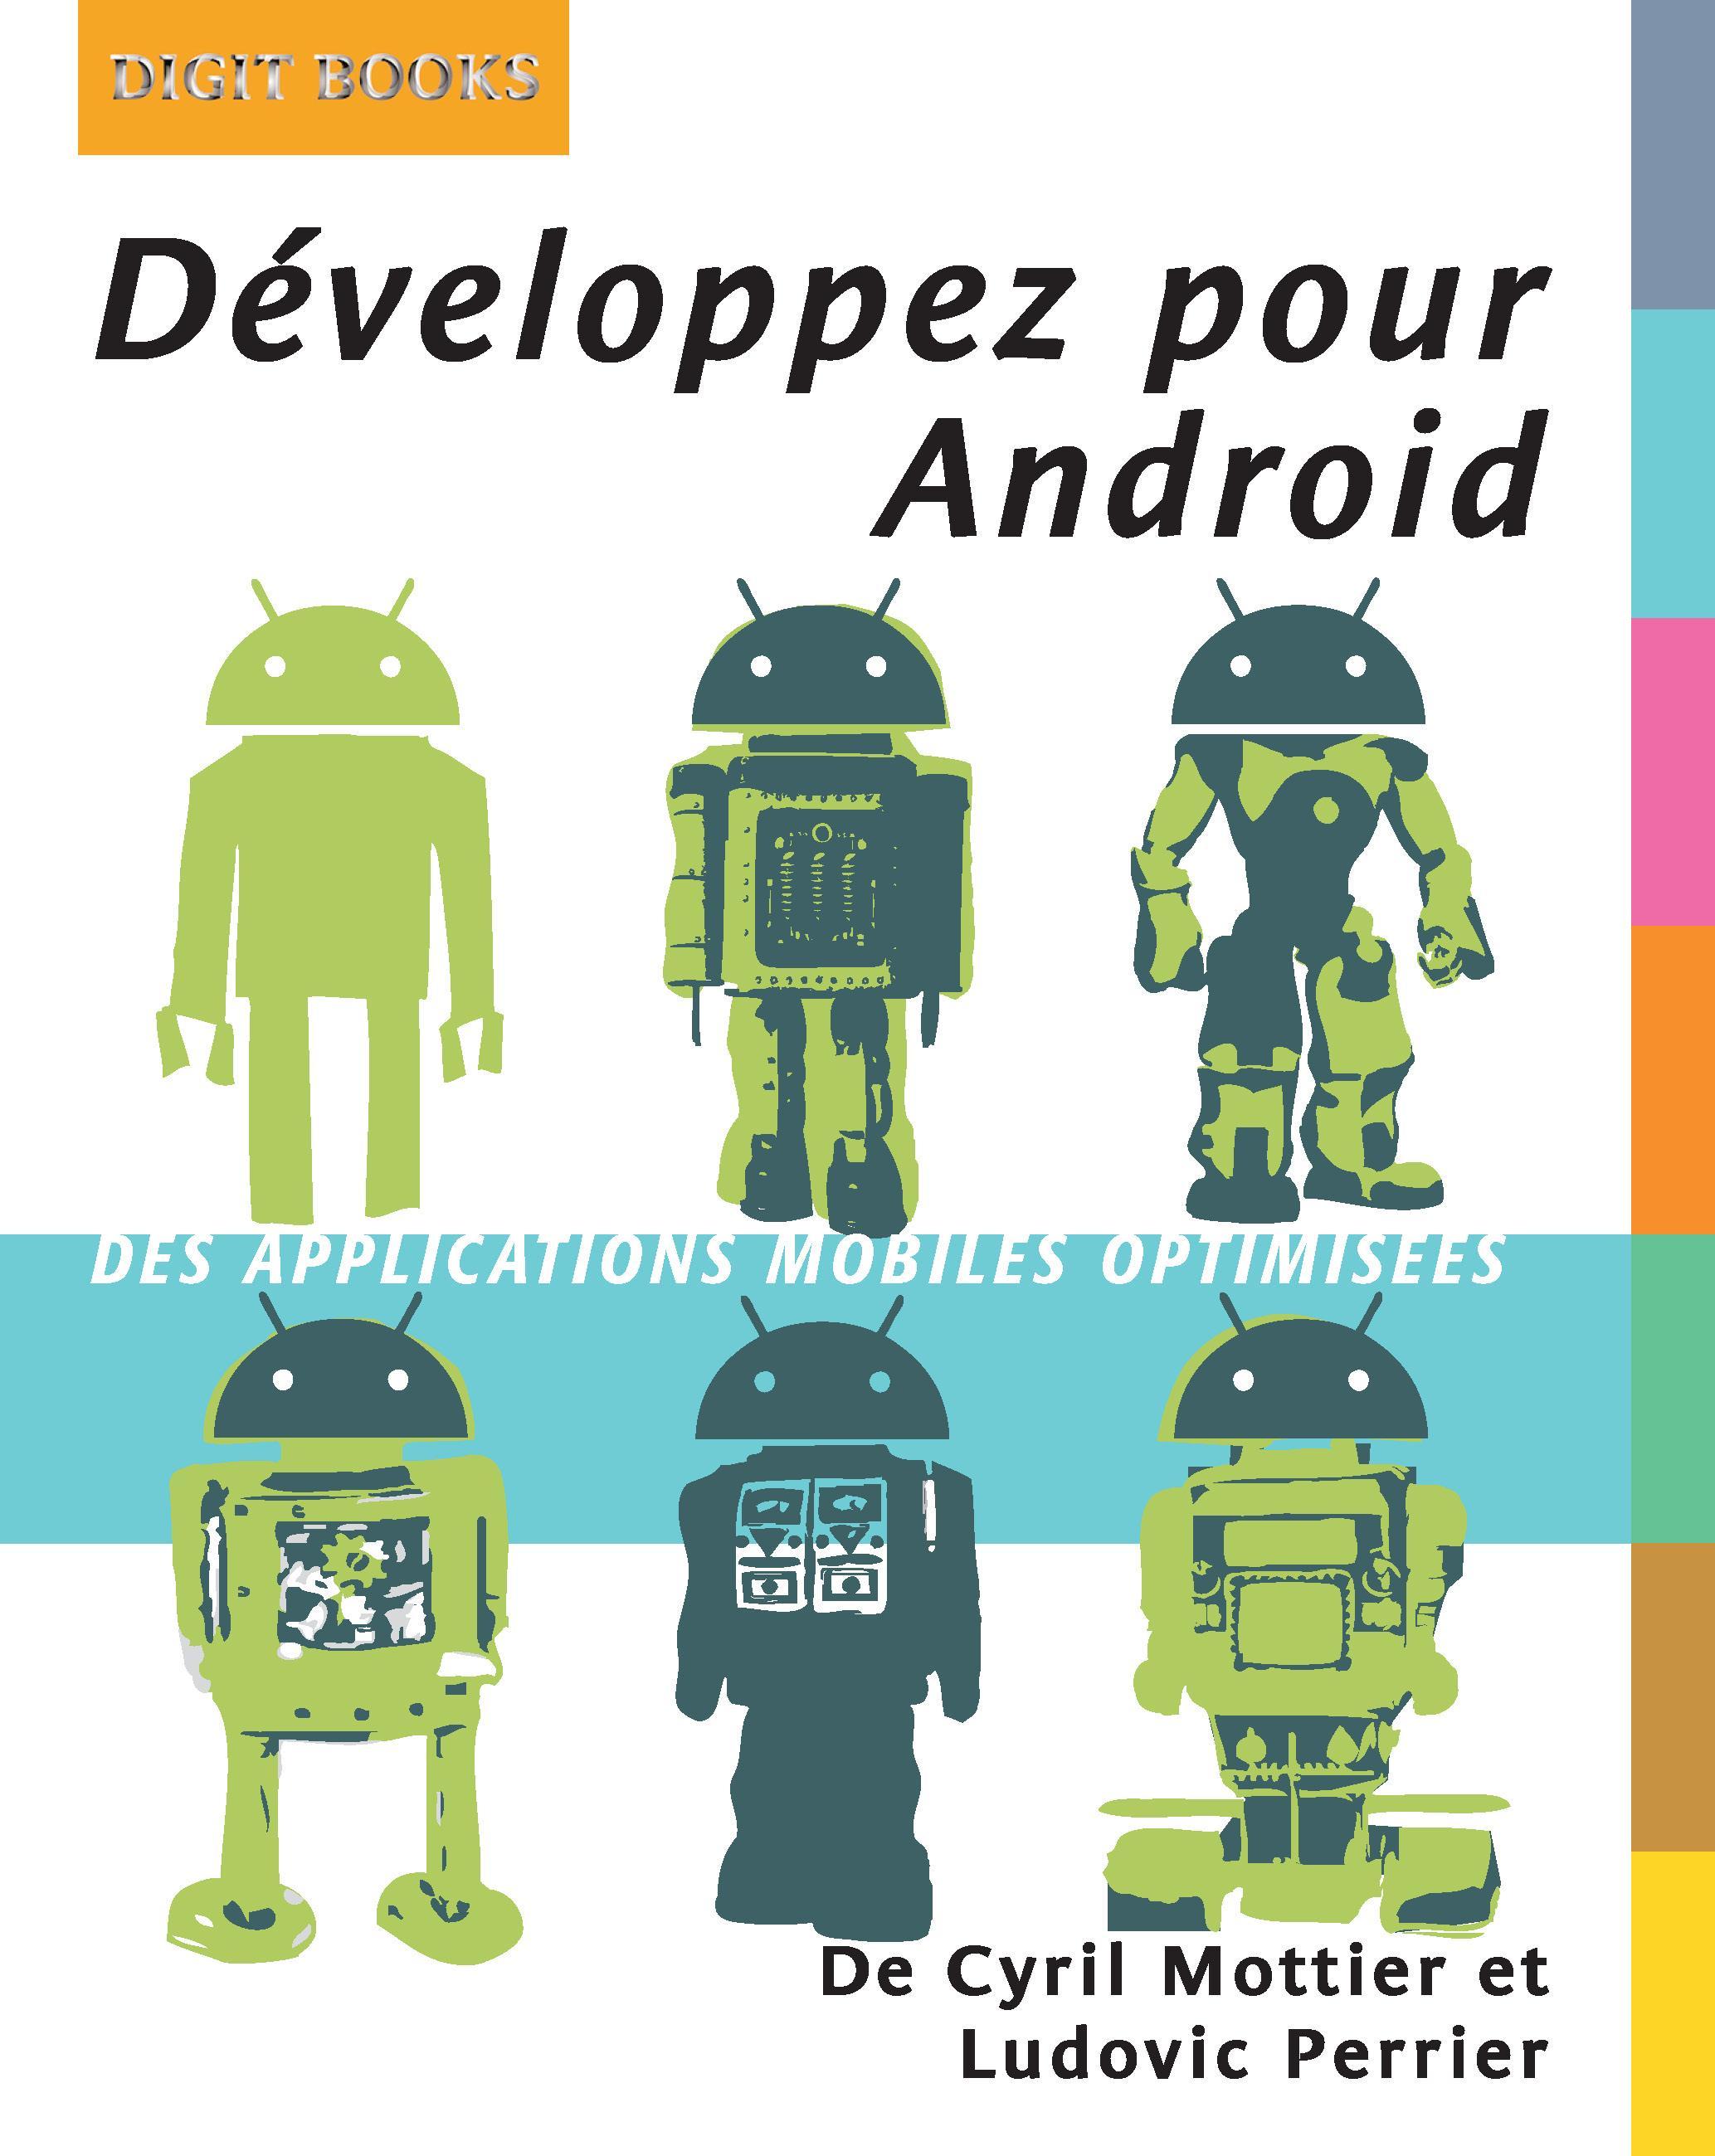 Développez pour Android, DES APPLICATIONS MOBILES OPTIMISÉES